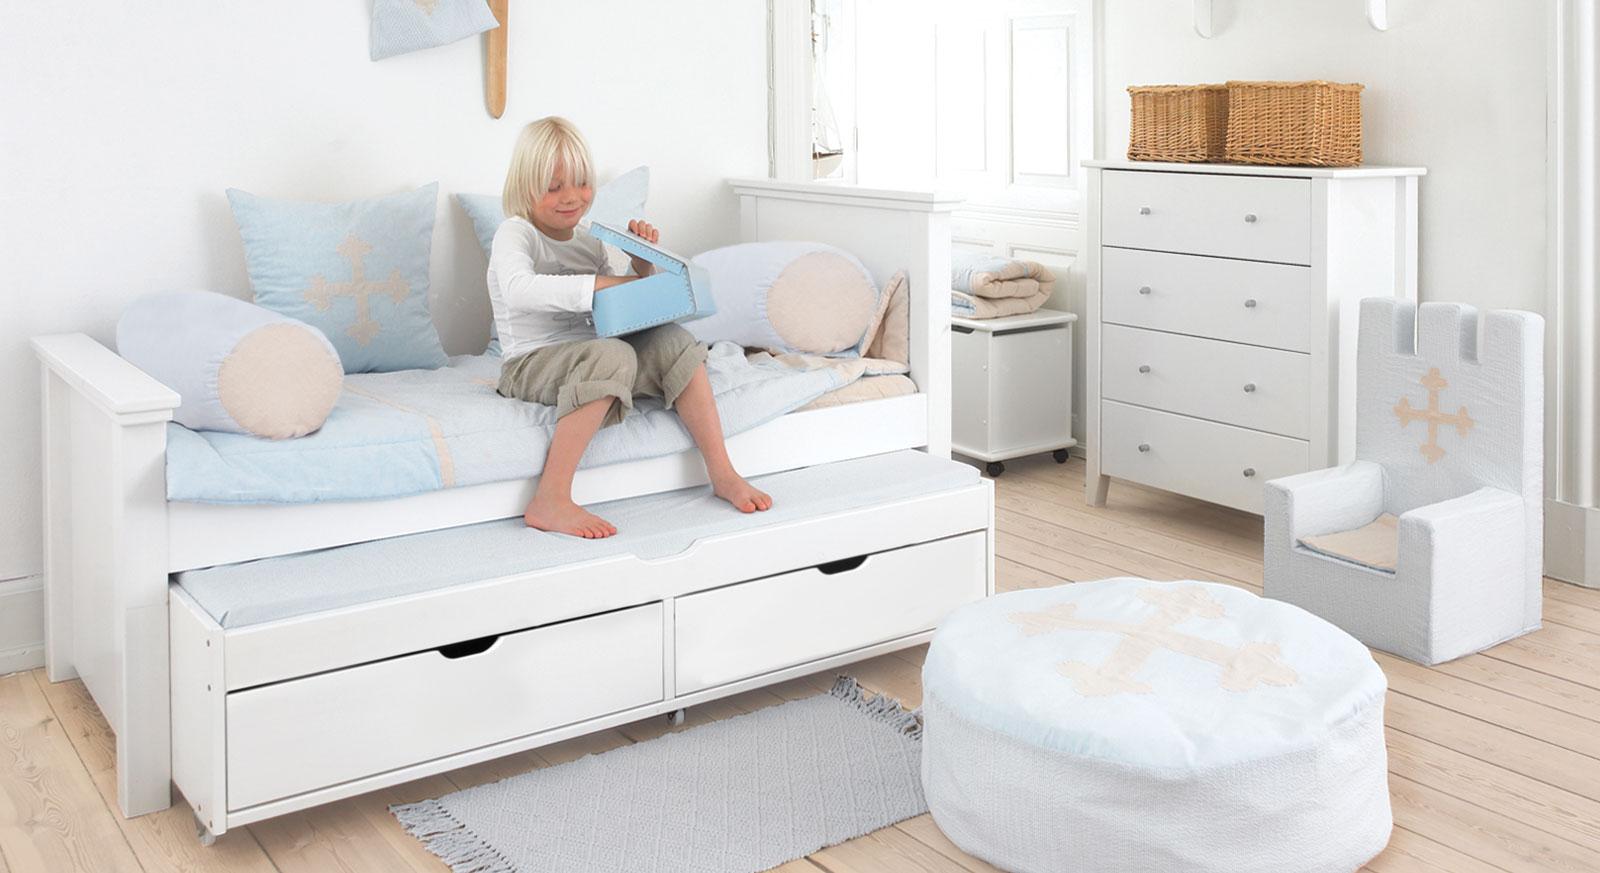 Passende Produkte zur Schubladen-Kommode Kids Heaven